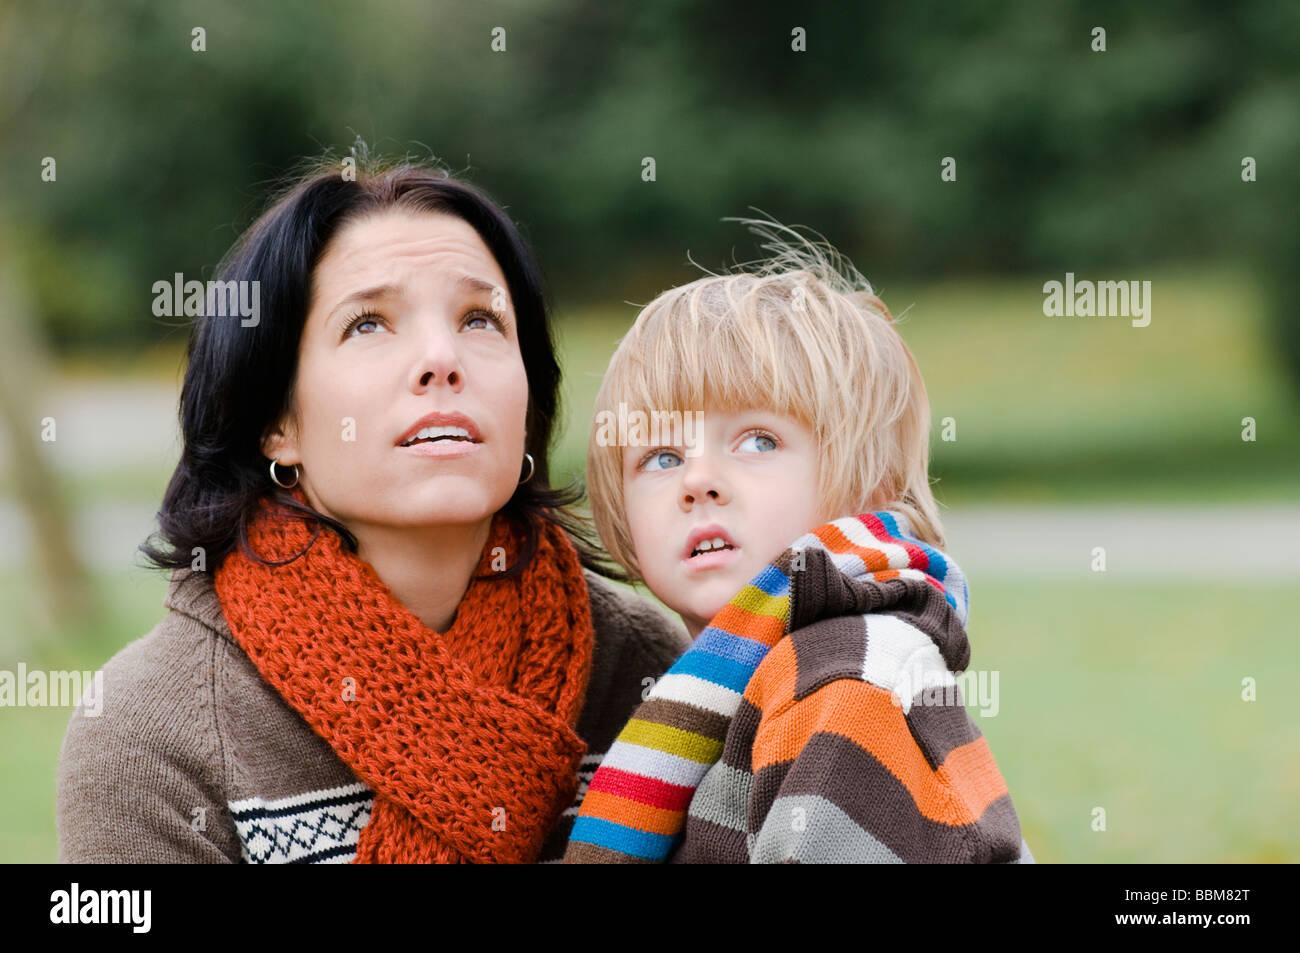 Giovane donna e ragazzo con espressioni in questione guardando verso l'alto, Vancouver, British Columbia Immagini Stock